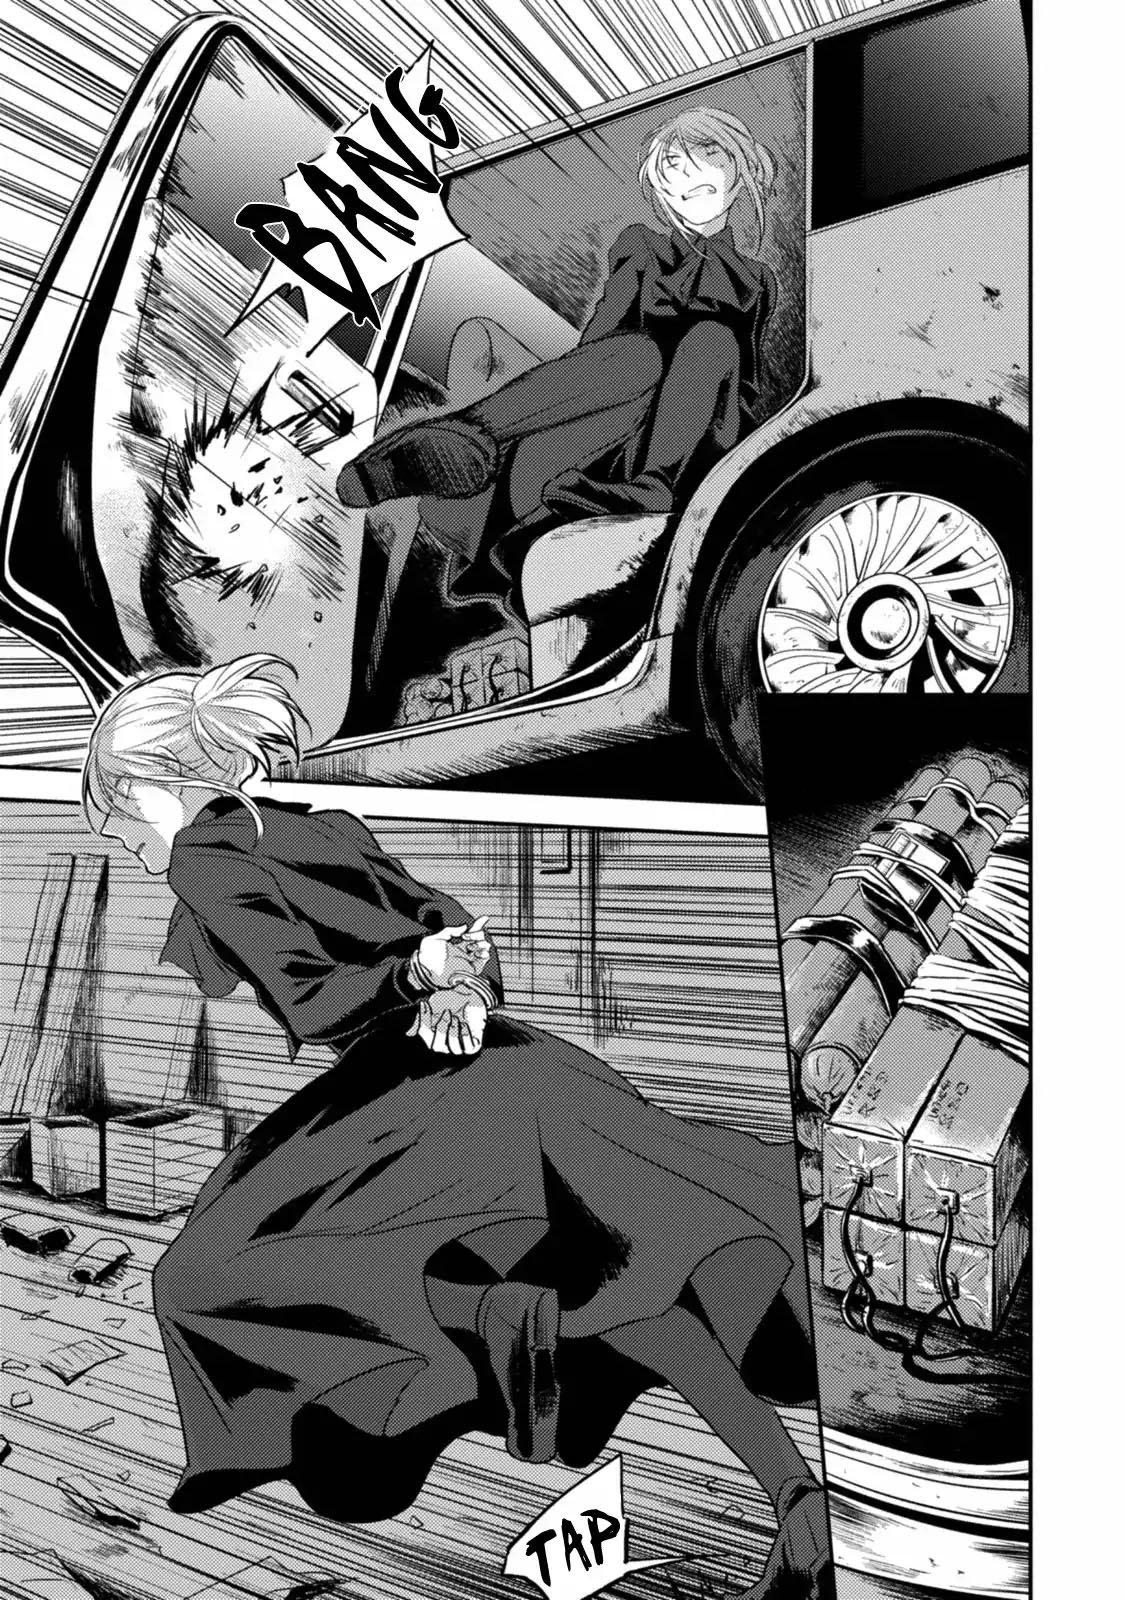 https://c9.mangatag.com/es_manga/pic5/14/21518/730317/73c730319cf839f143bf40954448ce39.jpg Page 3